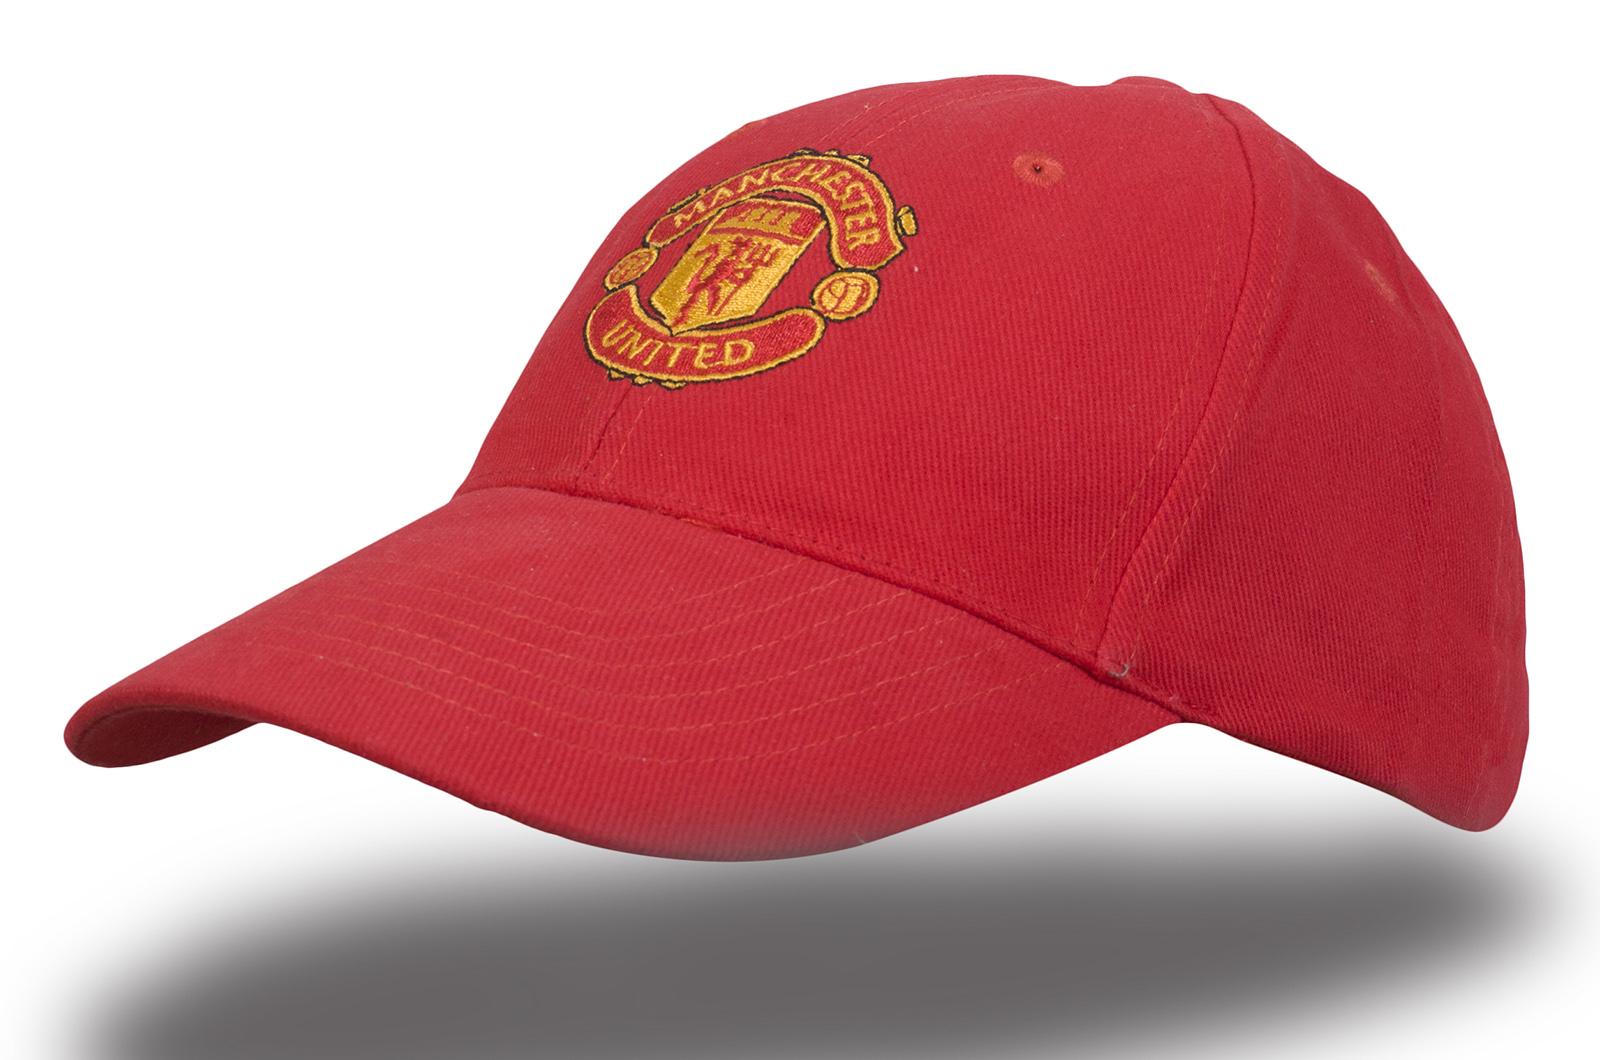 Кепка Manchester United - купить в интернет-магазине с доставкой